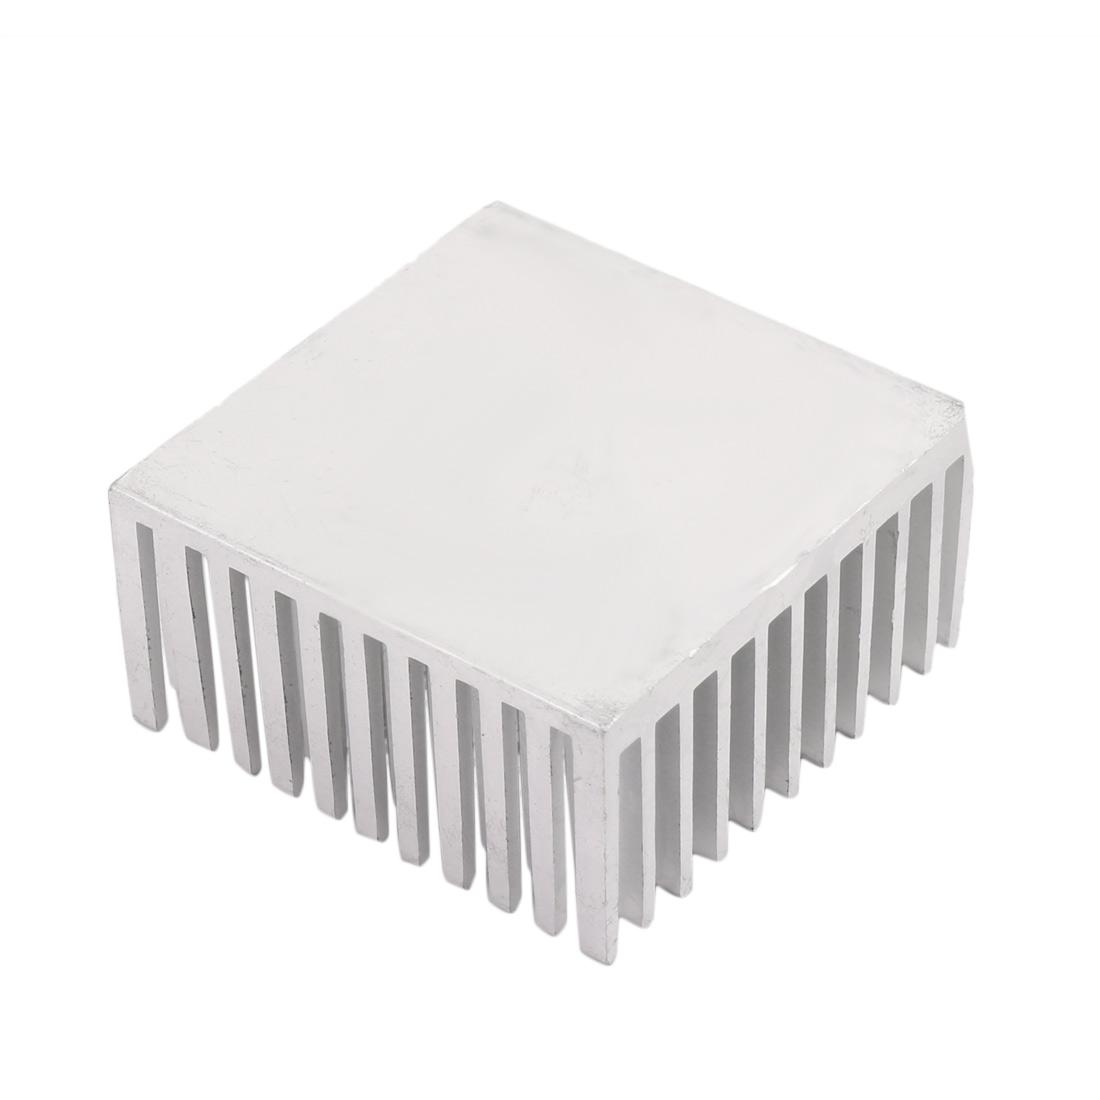 40mm x 40mm x 20mm Aluminum Heatsink Heat Diffuse Cooling Fin Silver Tone